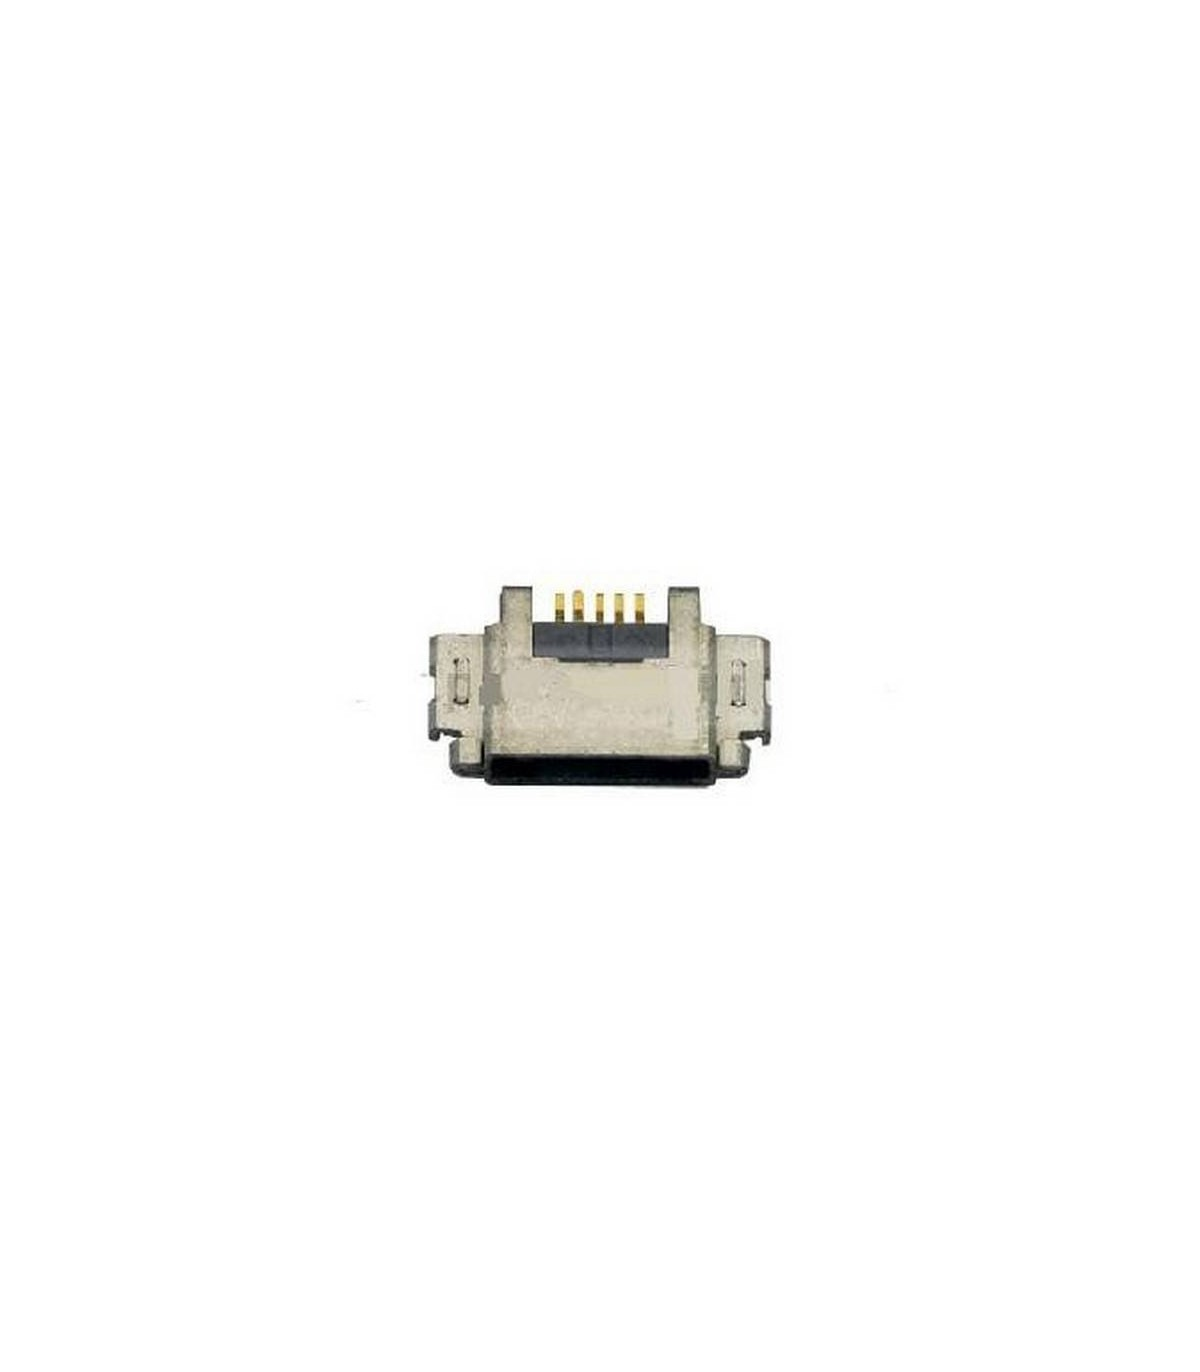 conetor de carrega para sony xperia S LT26I